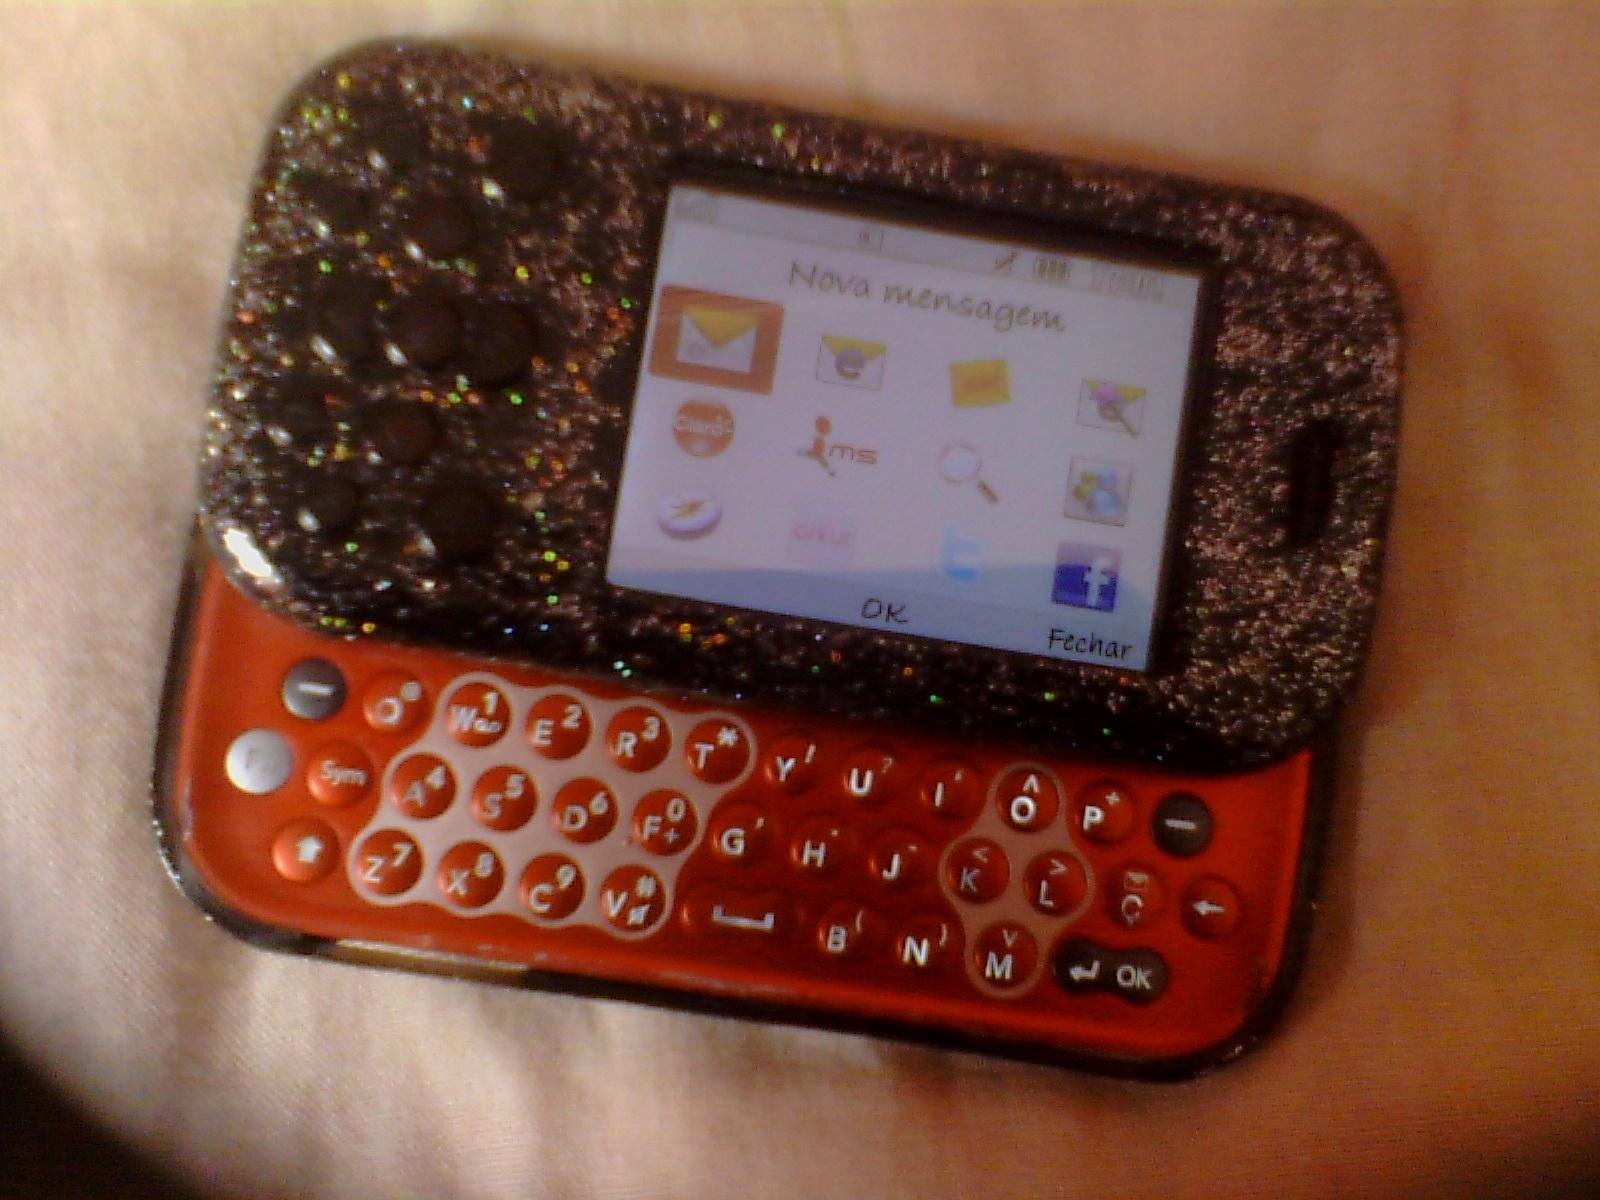 Capa Case Lg Optimus L5 Celulares e Smartphones